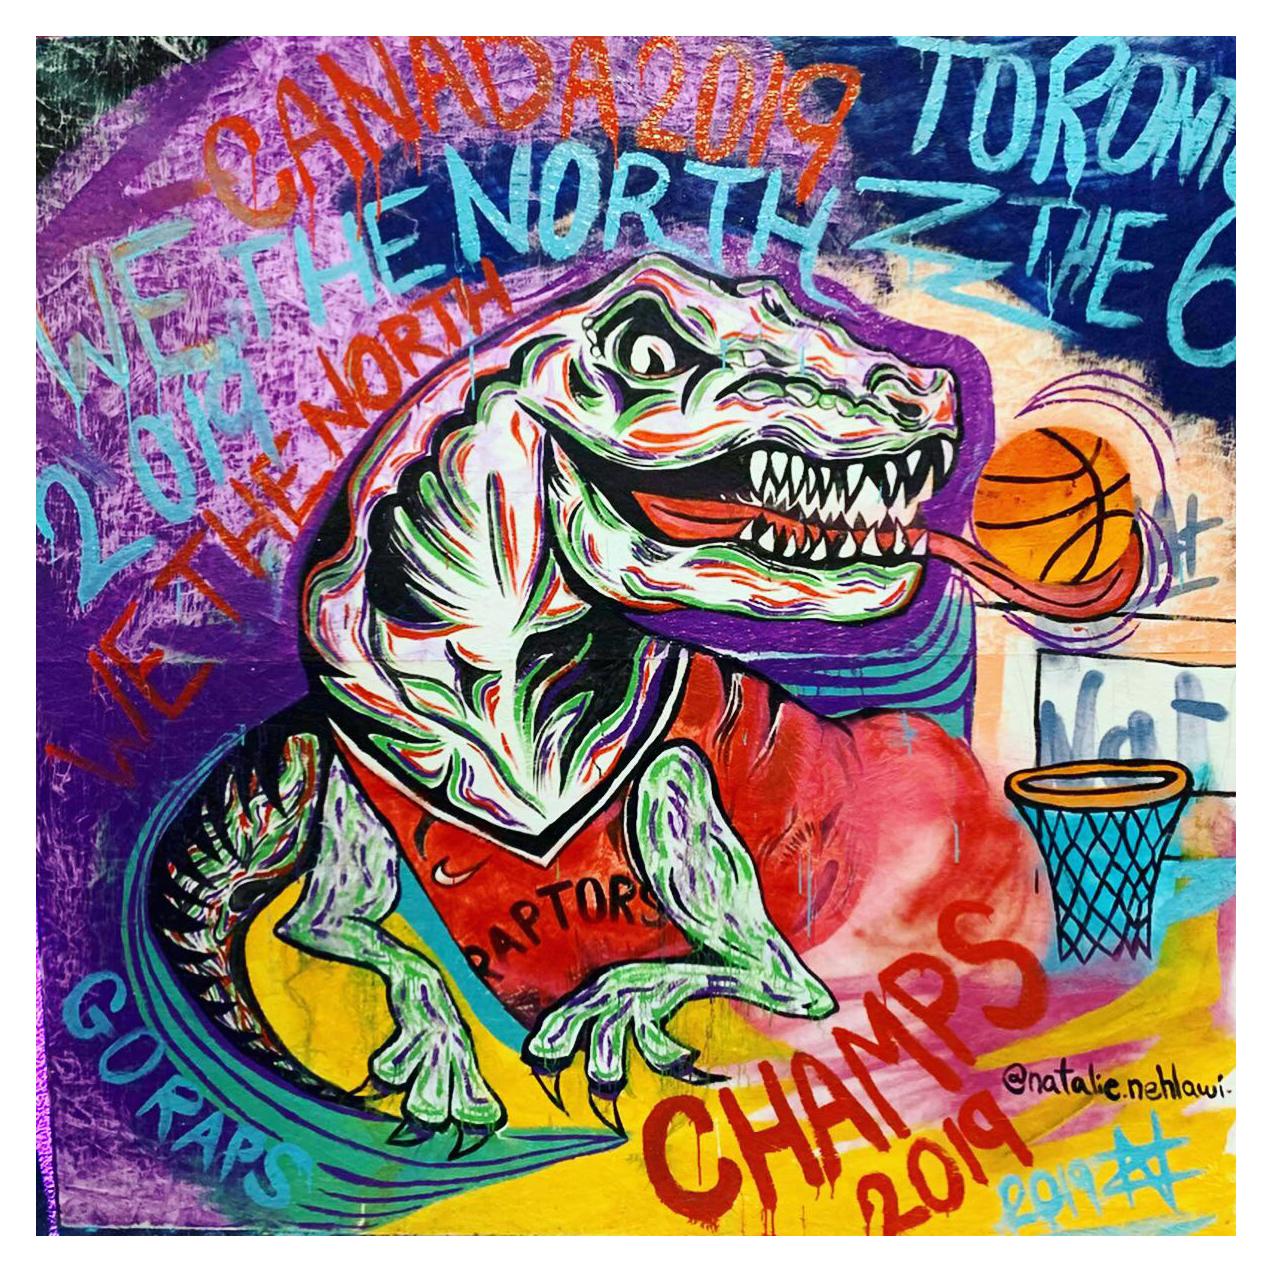 NatalieNehlawi_Toronto-Raptors.jpg